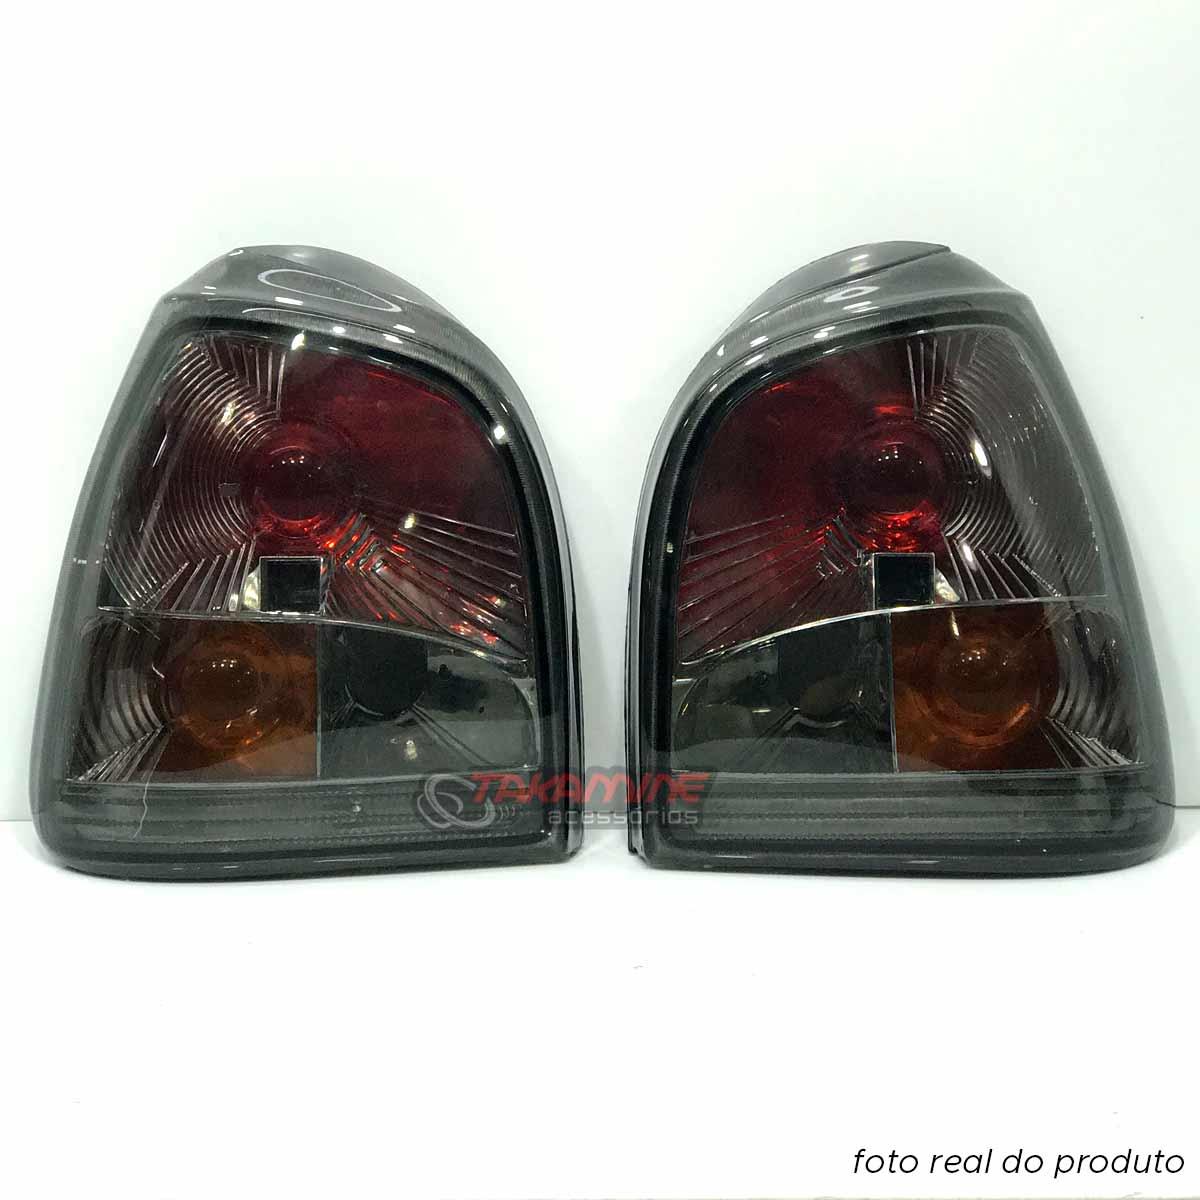 Lanterna traseira Gol Bola 1995 1996 1997 1998 1999 Evolution II fumê modelo cibié (PAR)